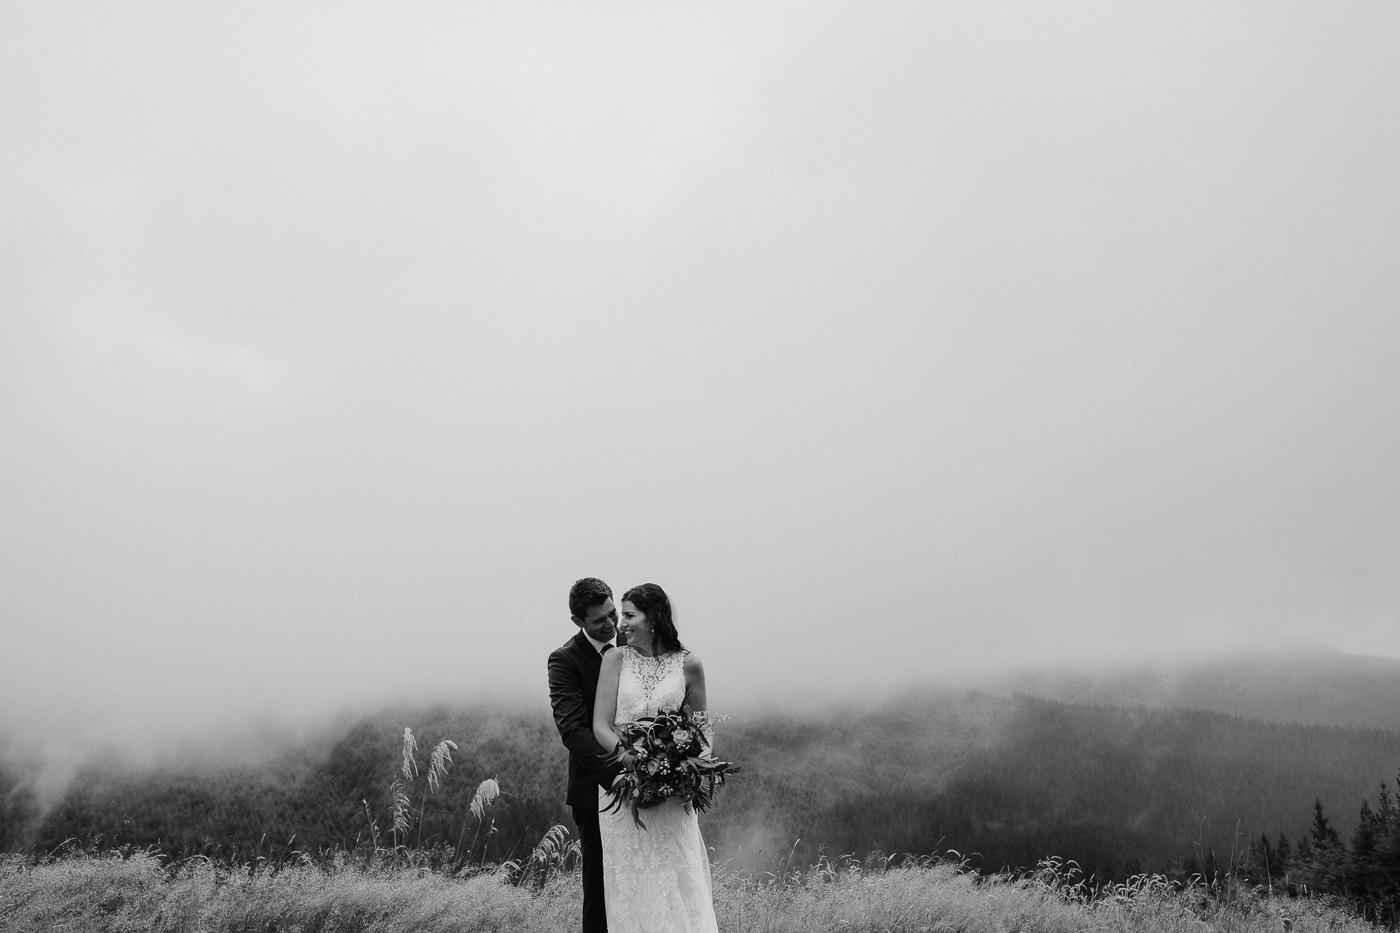 nz_wedding_photographer_gisborne-1085.jpg